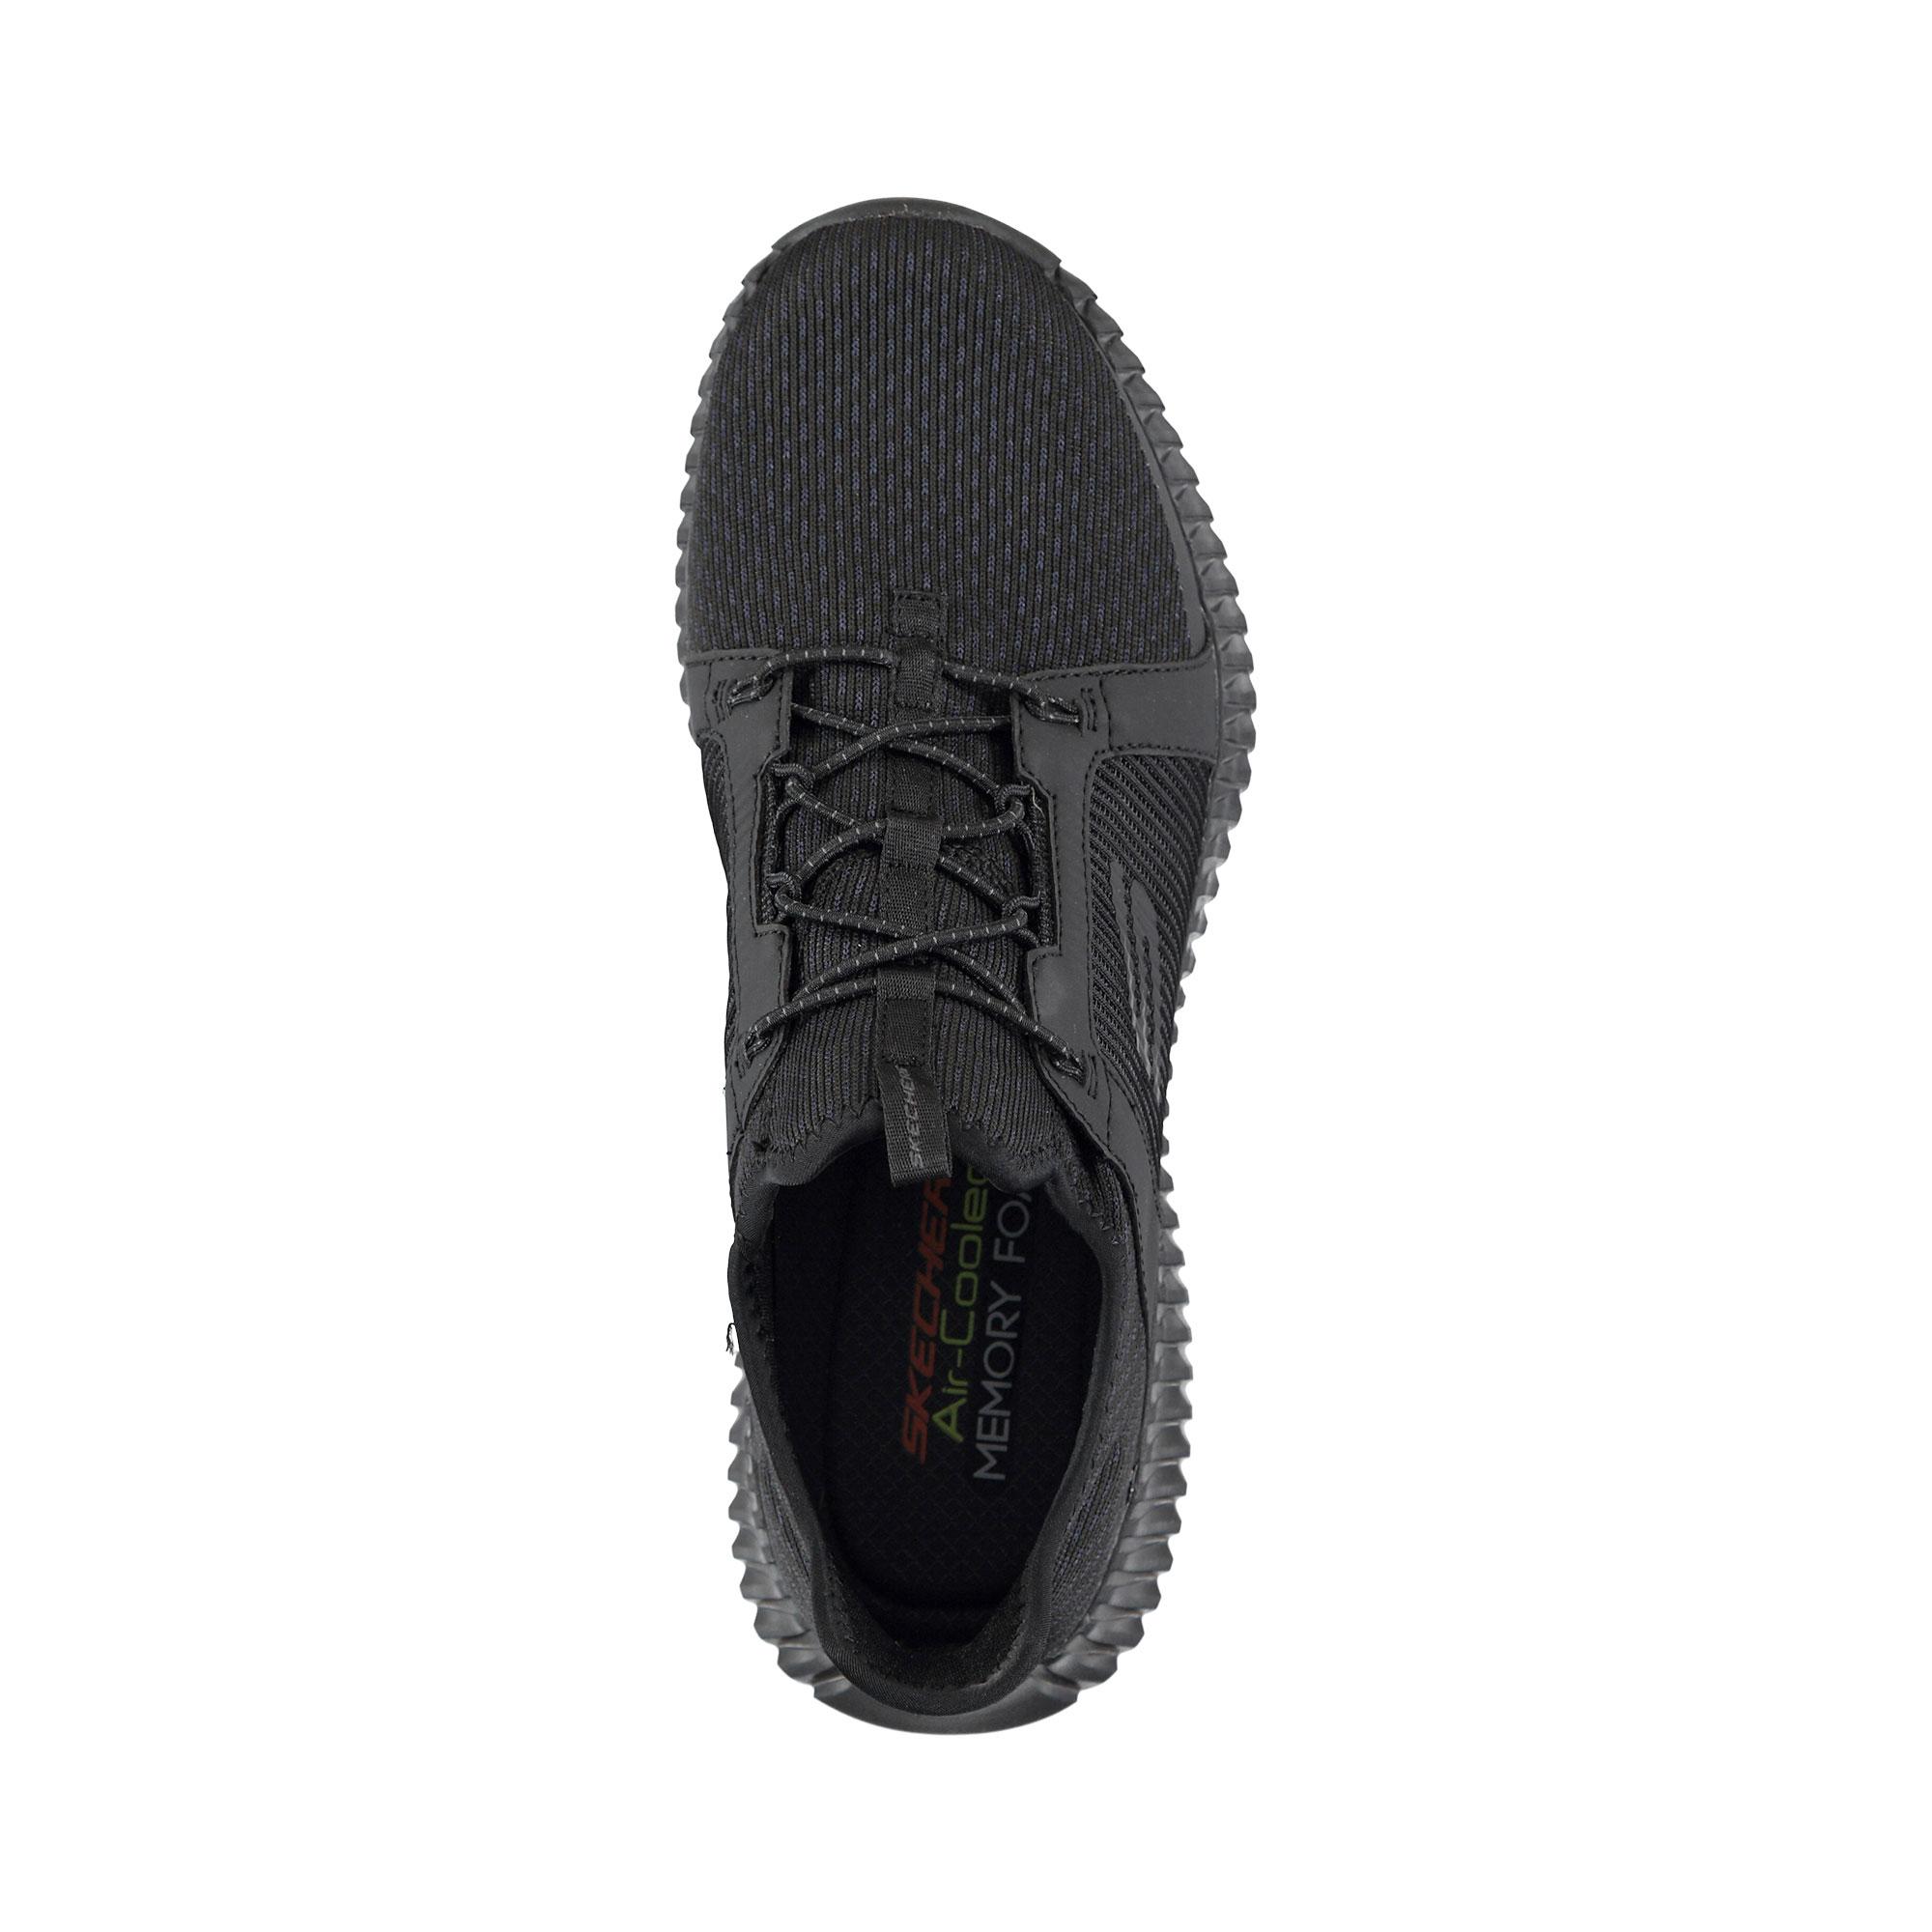 Skechers Elite Flex Erkek Siyah Spor Ayakkabı